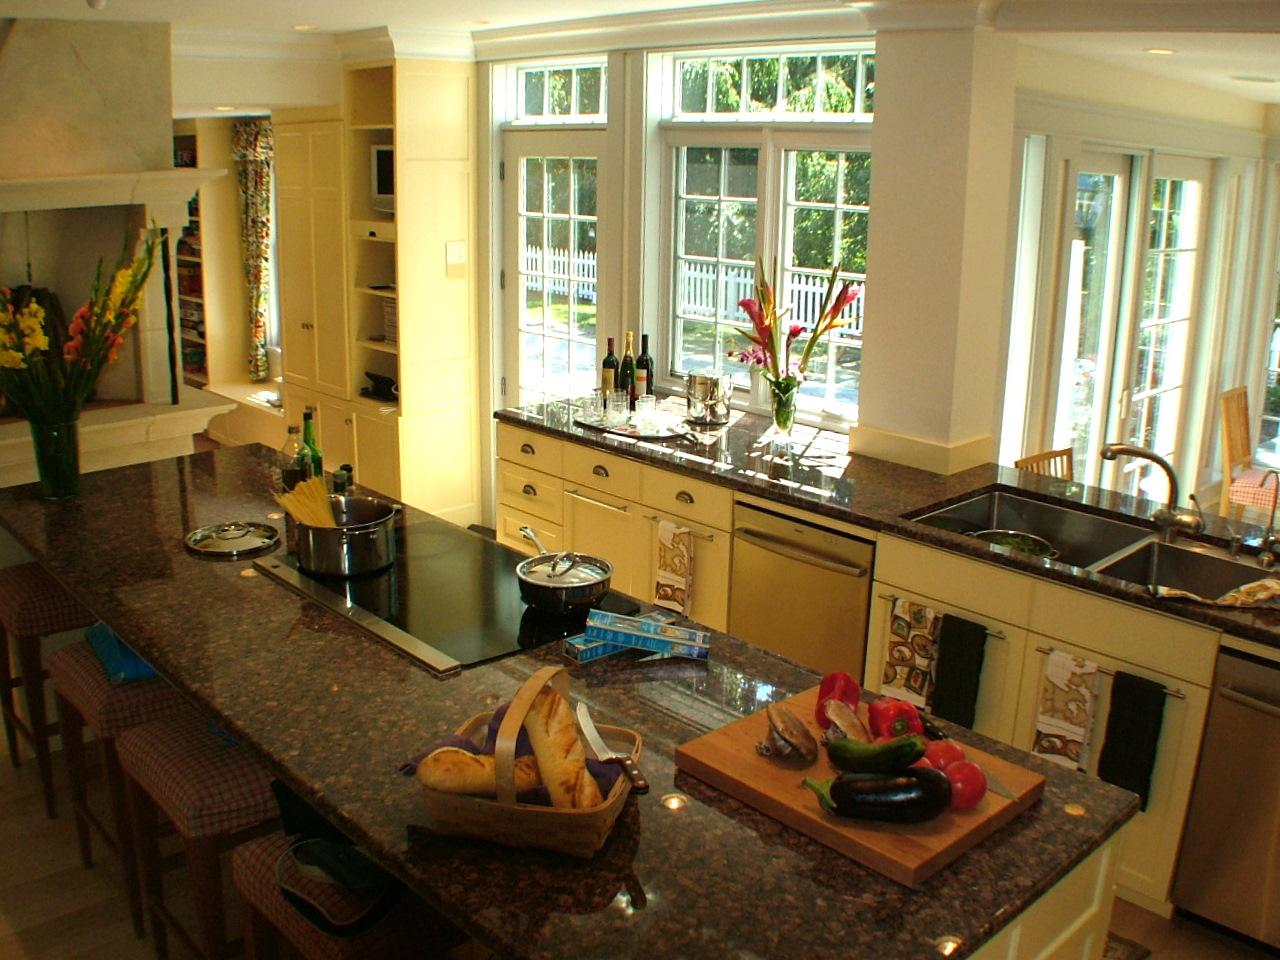 46 Kitchen.JPG